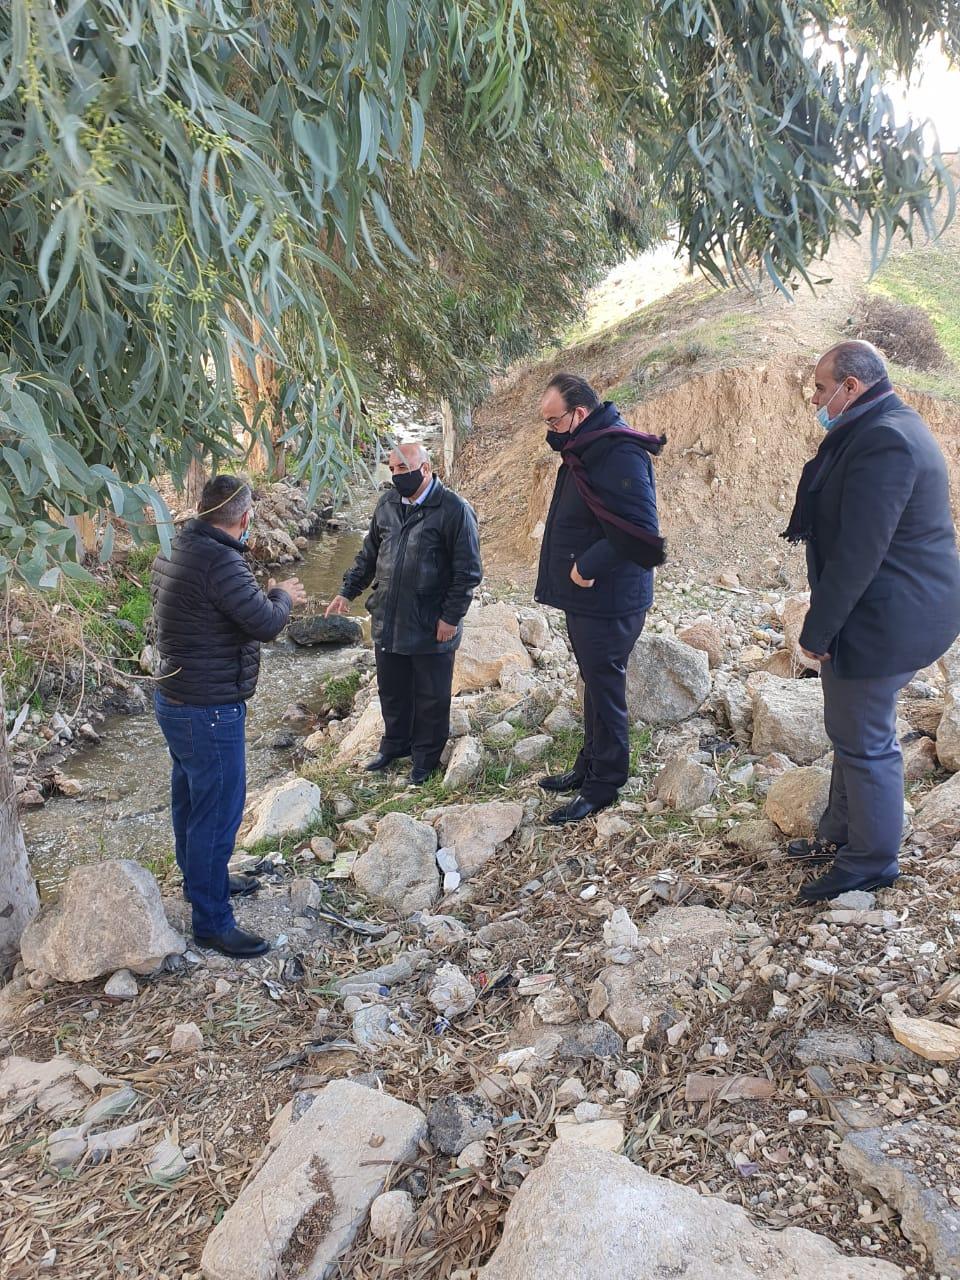 امين عام سلطة المياه: استكمال اعمال نقل محطة ابو نصير بحلول نهاية شباط القادم